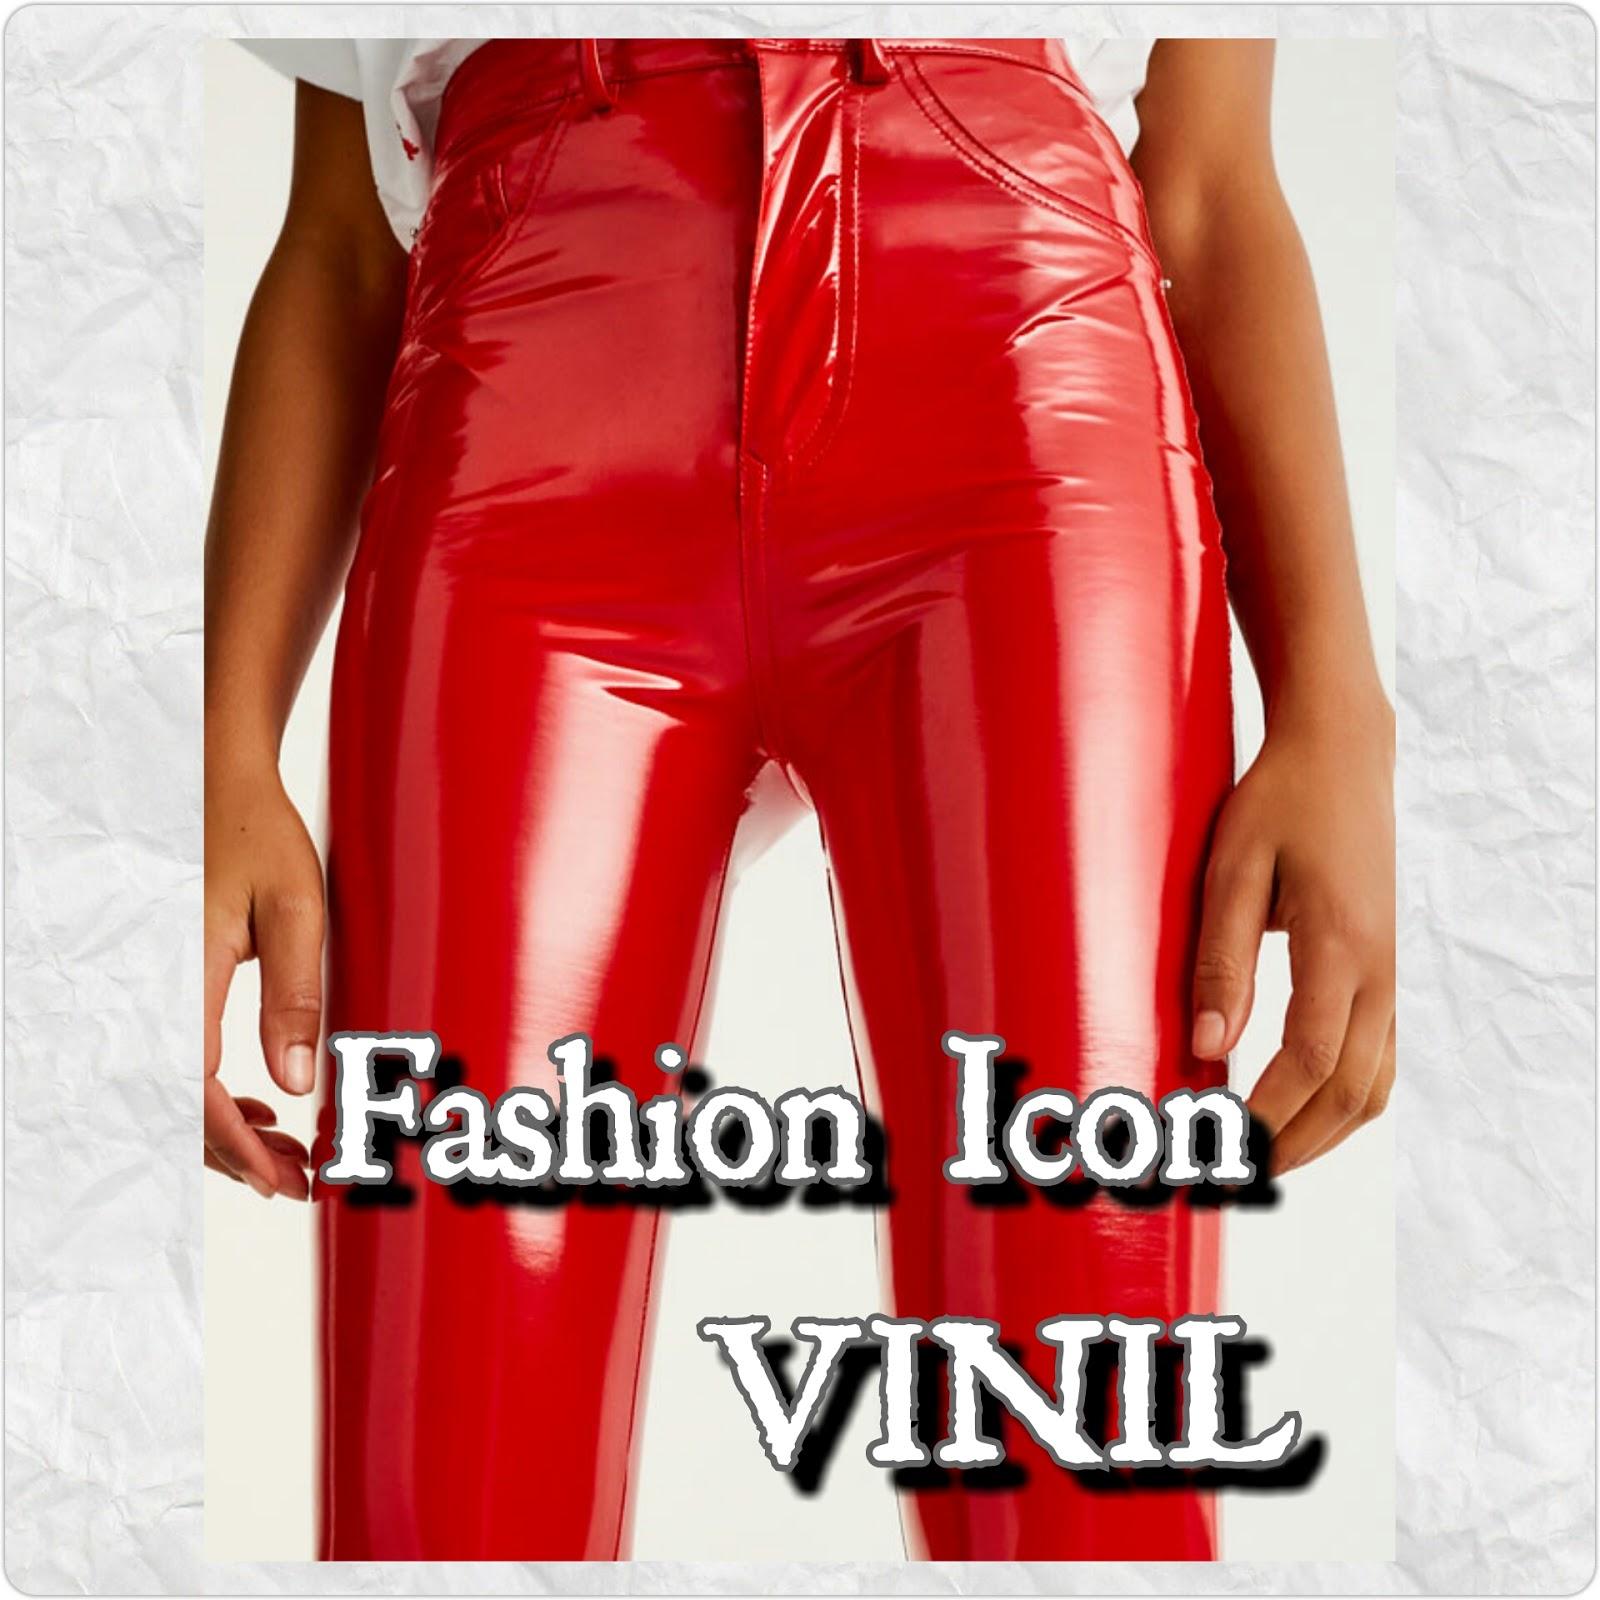 Dai sexy shop alla moda: il Latex è la nuova icona fashion! Vestirsi in latex tutti i giorni per essere trendy